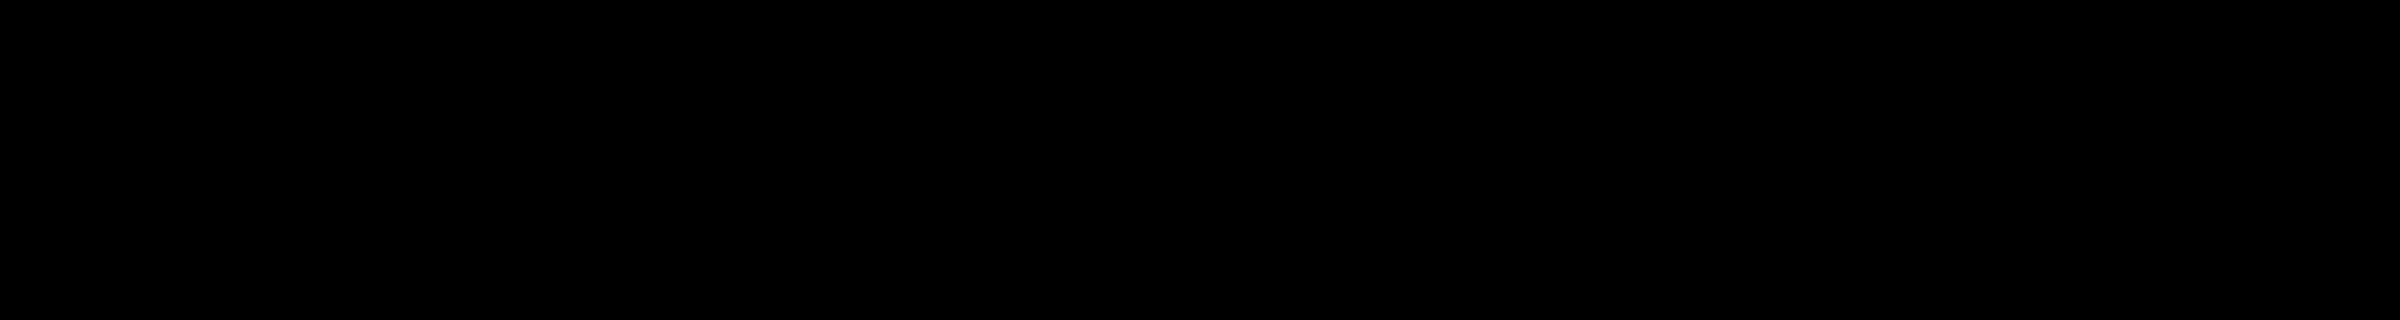 株式会社ミナカラのアイコン